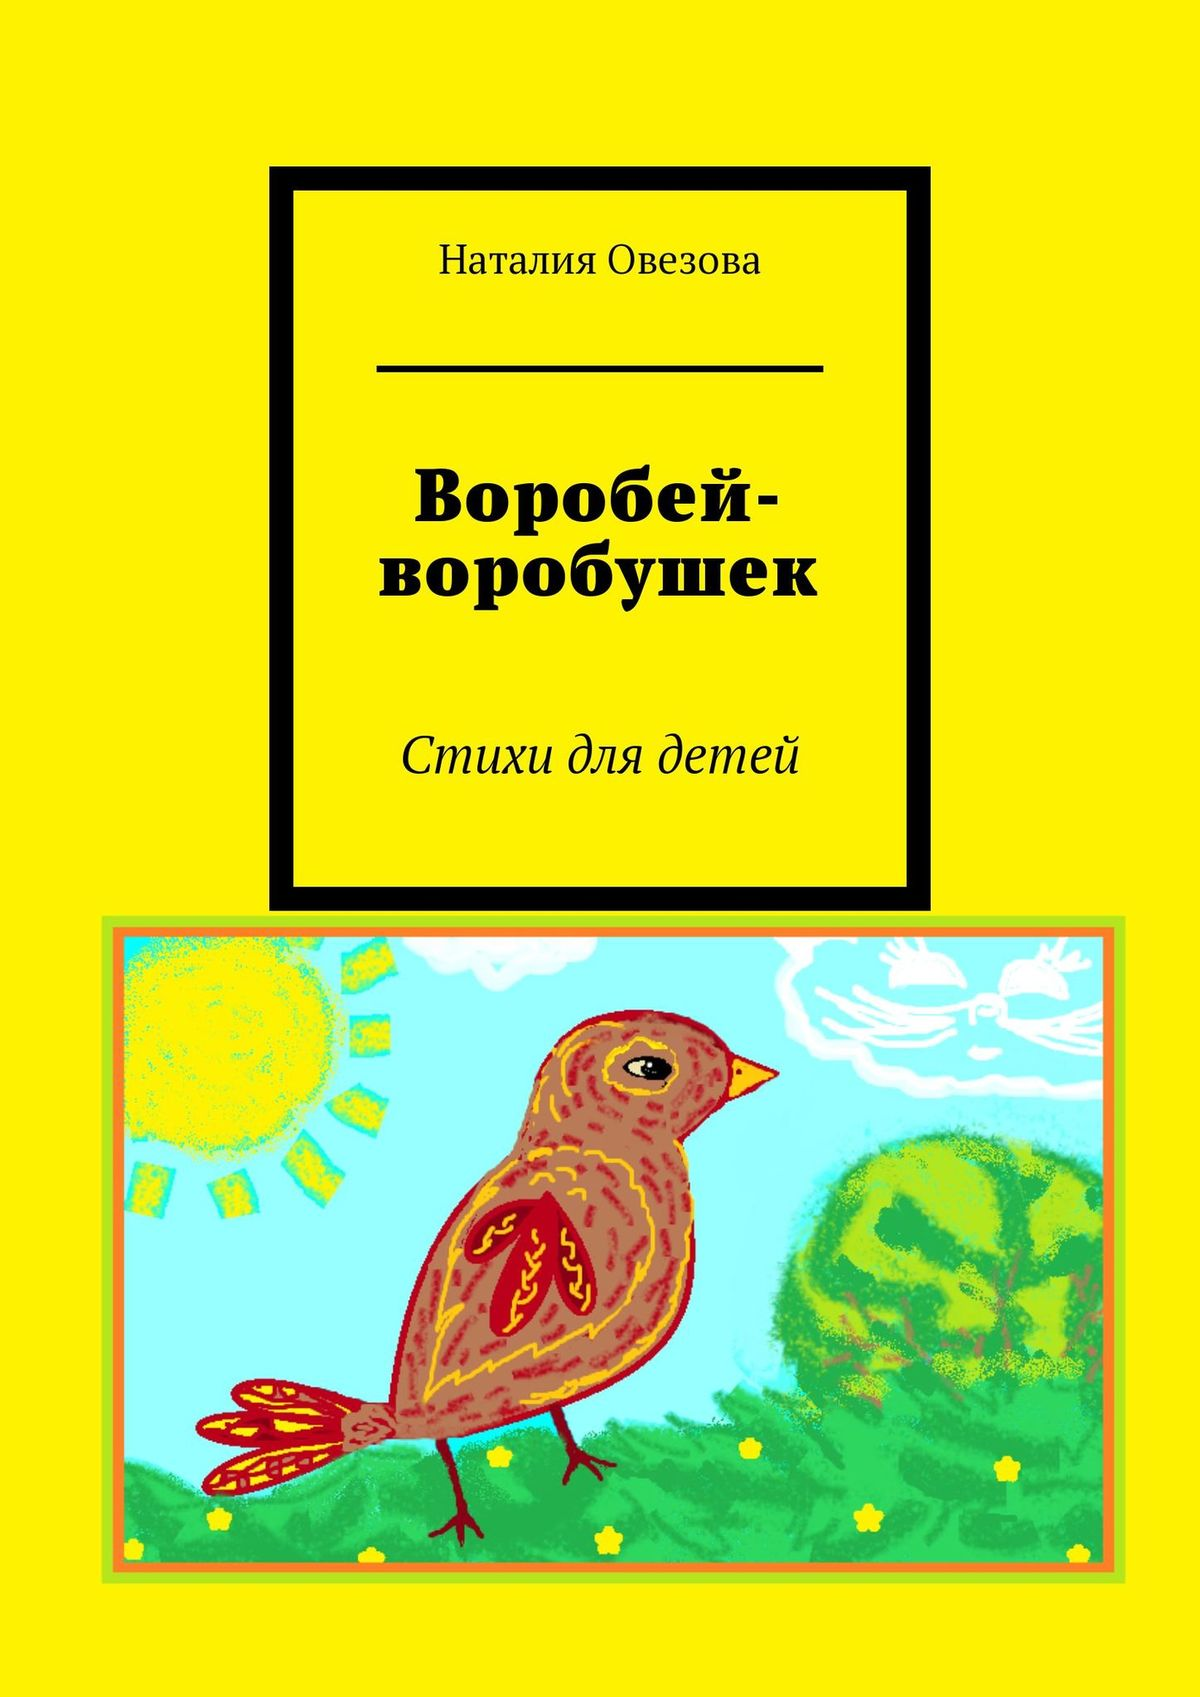 Наталия Овезова Воробей-воробушек. Стихи для детей